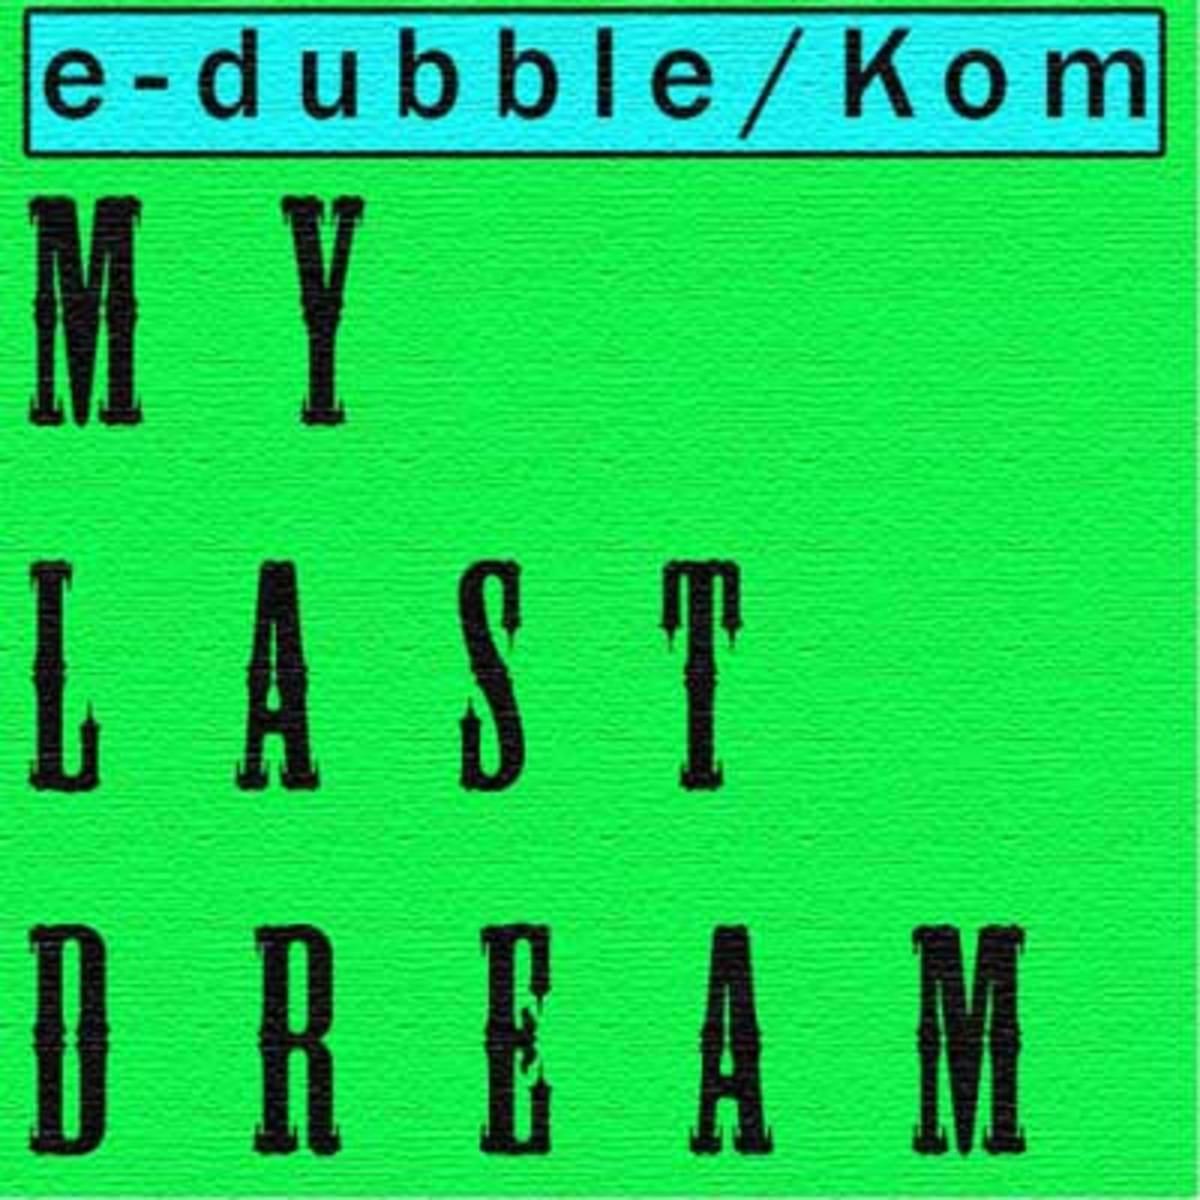 edubble-mylastdream.jpg